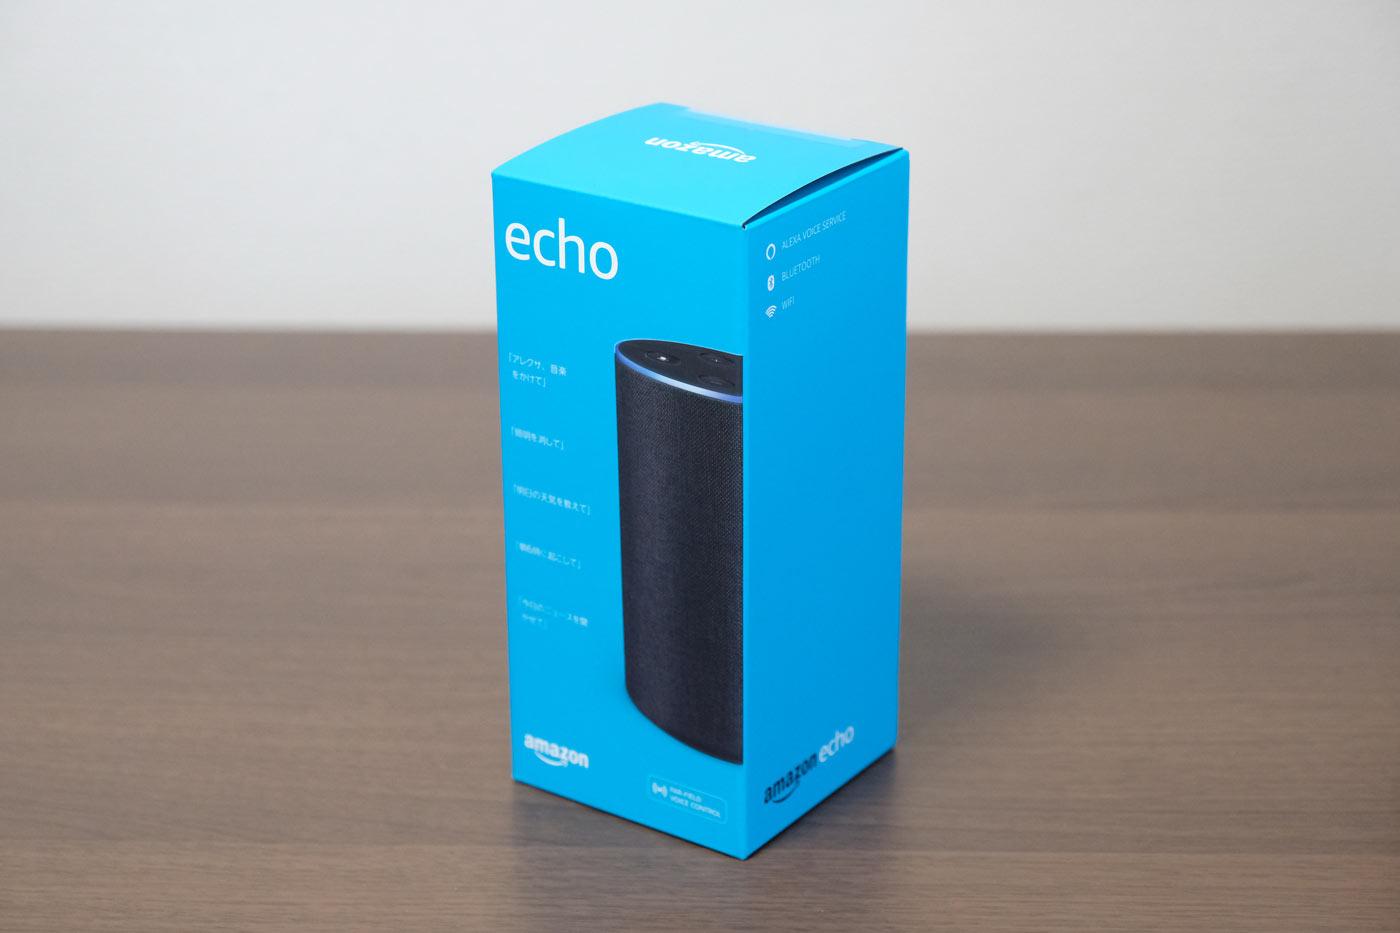 Amazon Echoのパッケージ